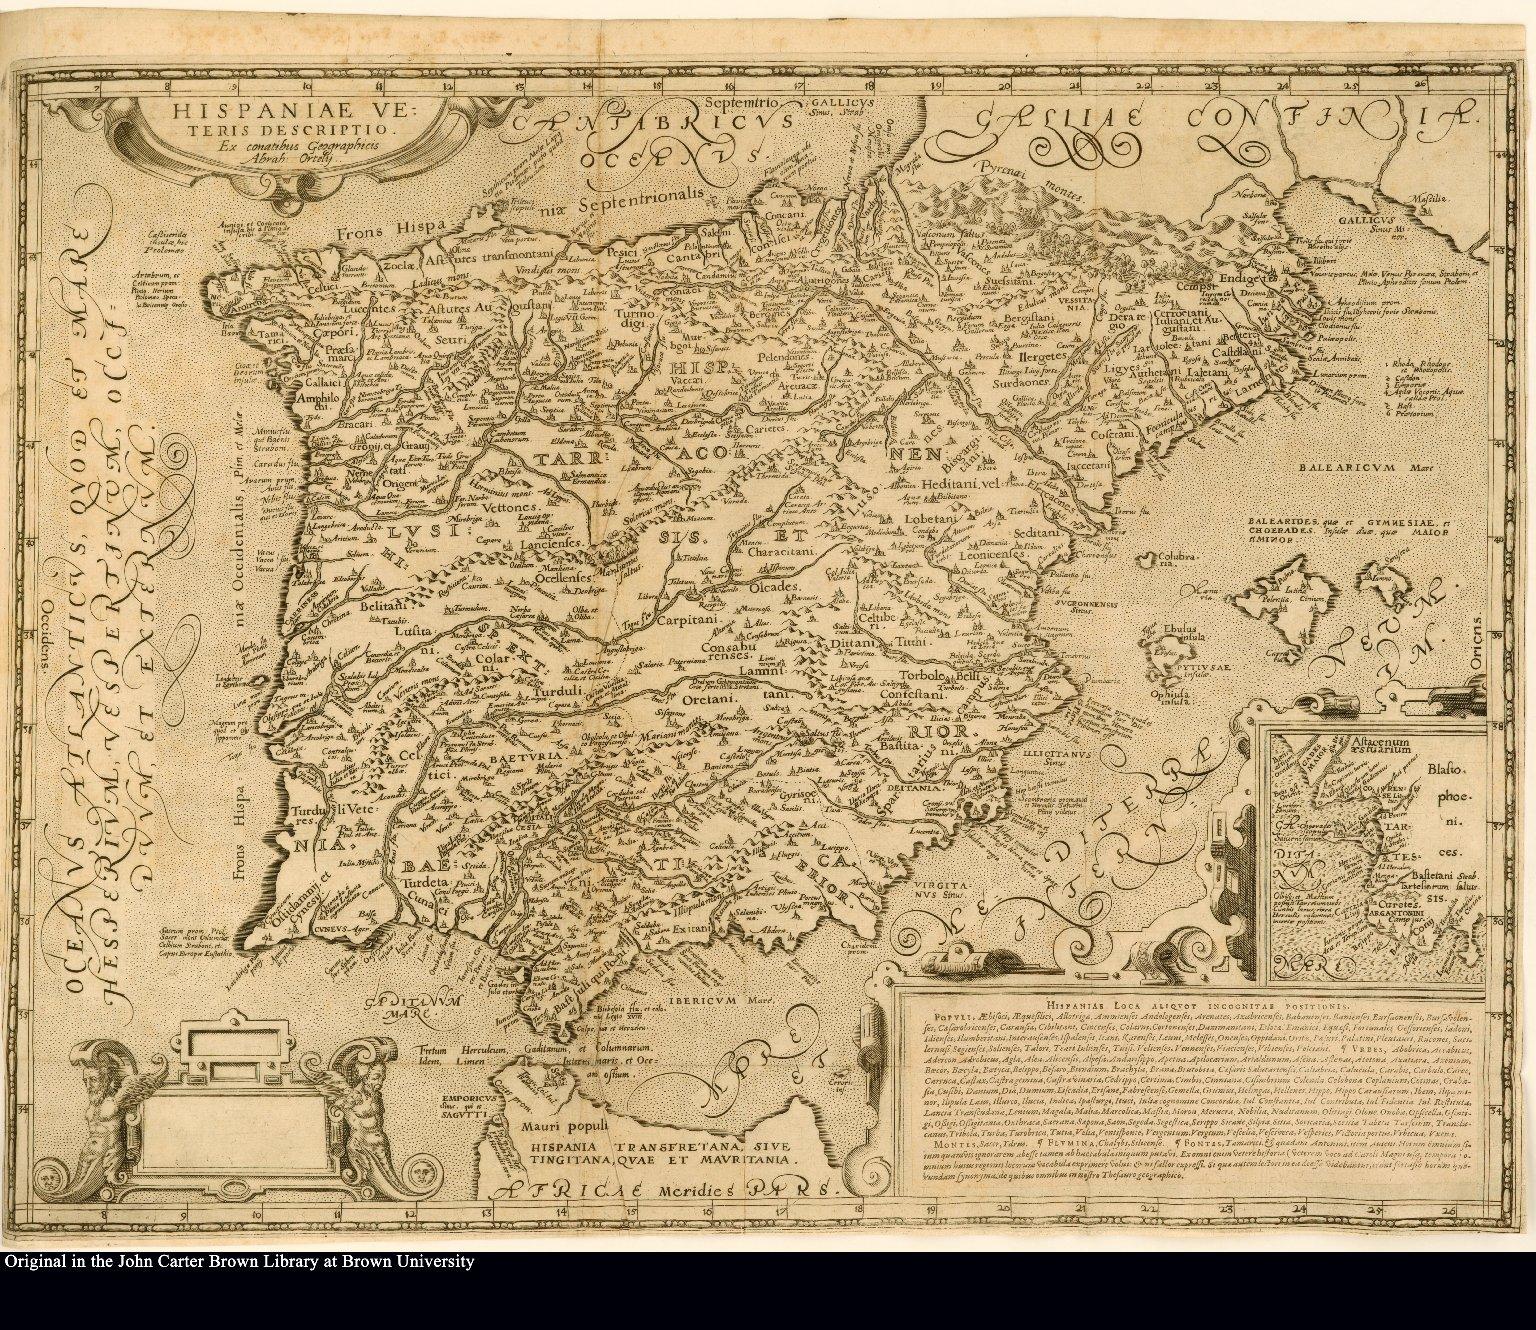 Hispaniea veteris descriptio ex conatibus geographicus Abrah. Ortely